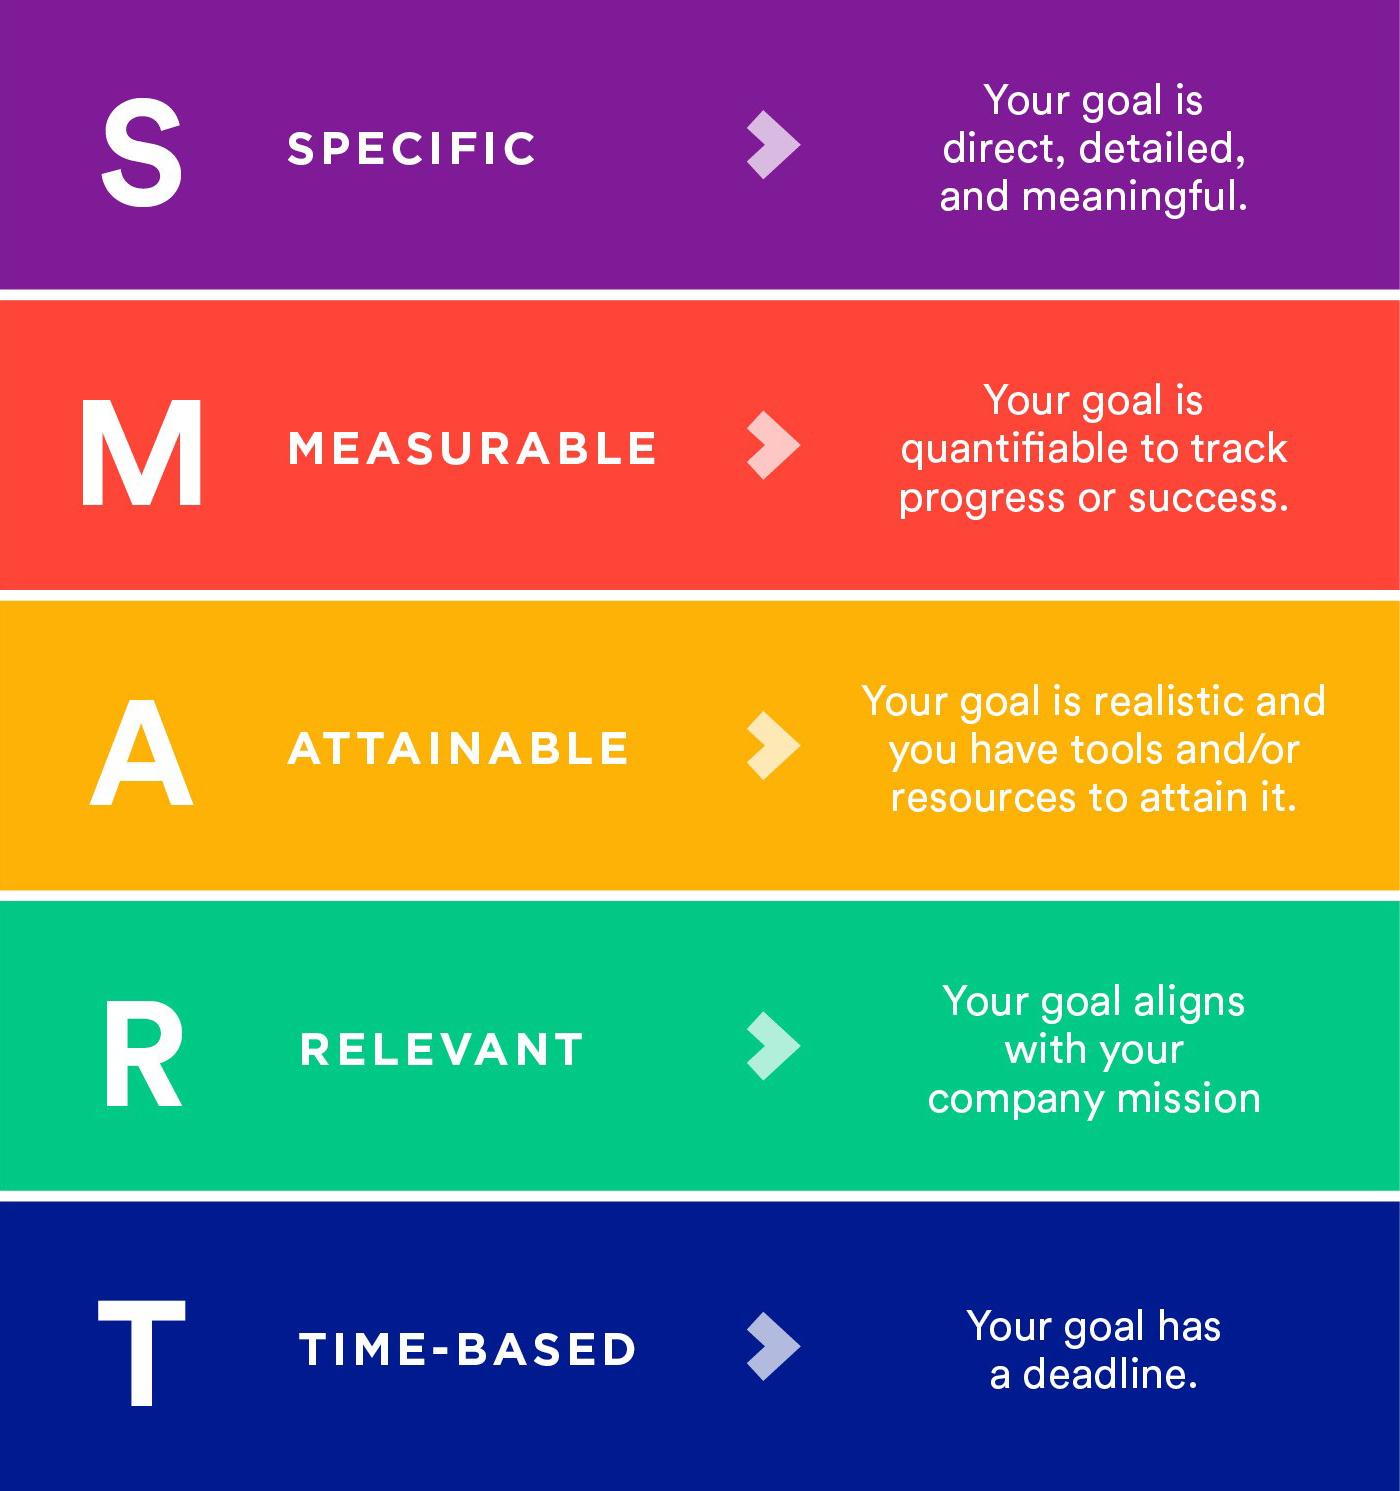 Set SMART goals!